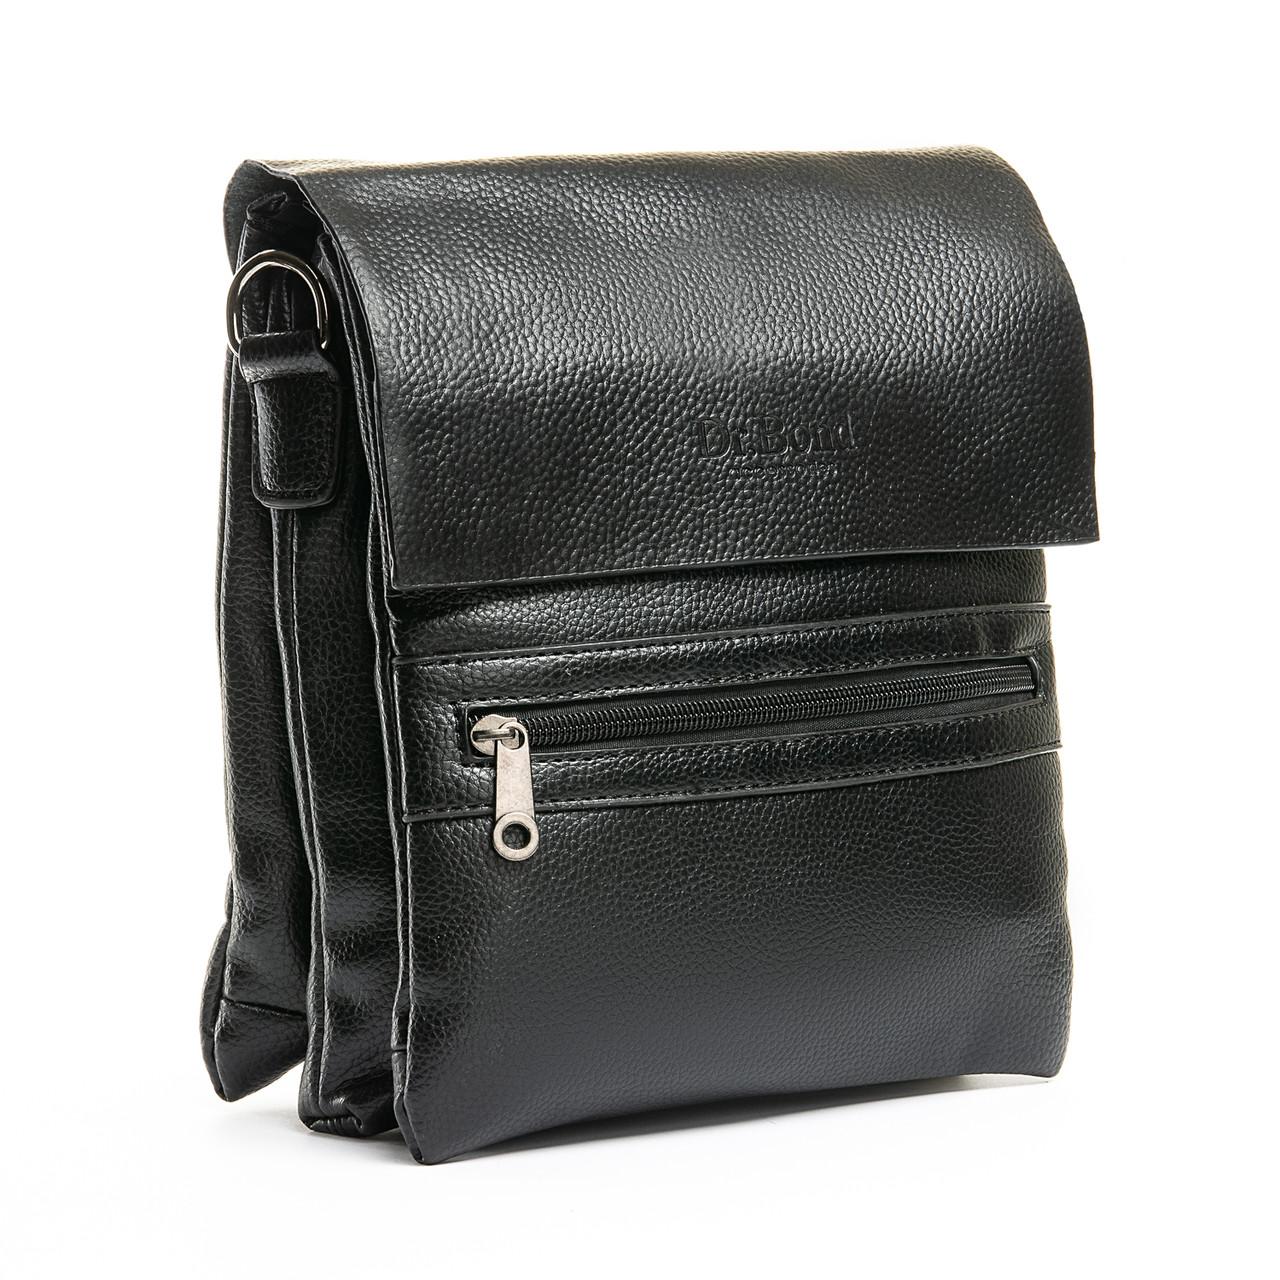 Шкіряна чоловіча сумка через плече / Мужская кожаная сумка через плечо DR. BOND 315-3 black